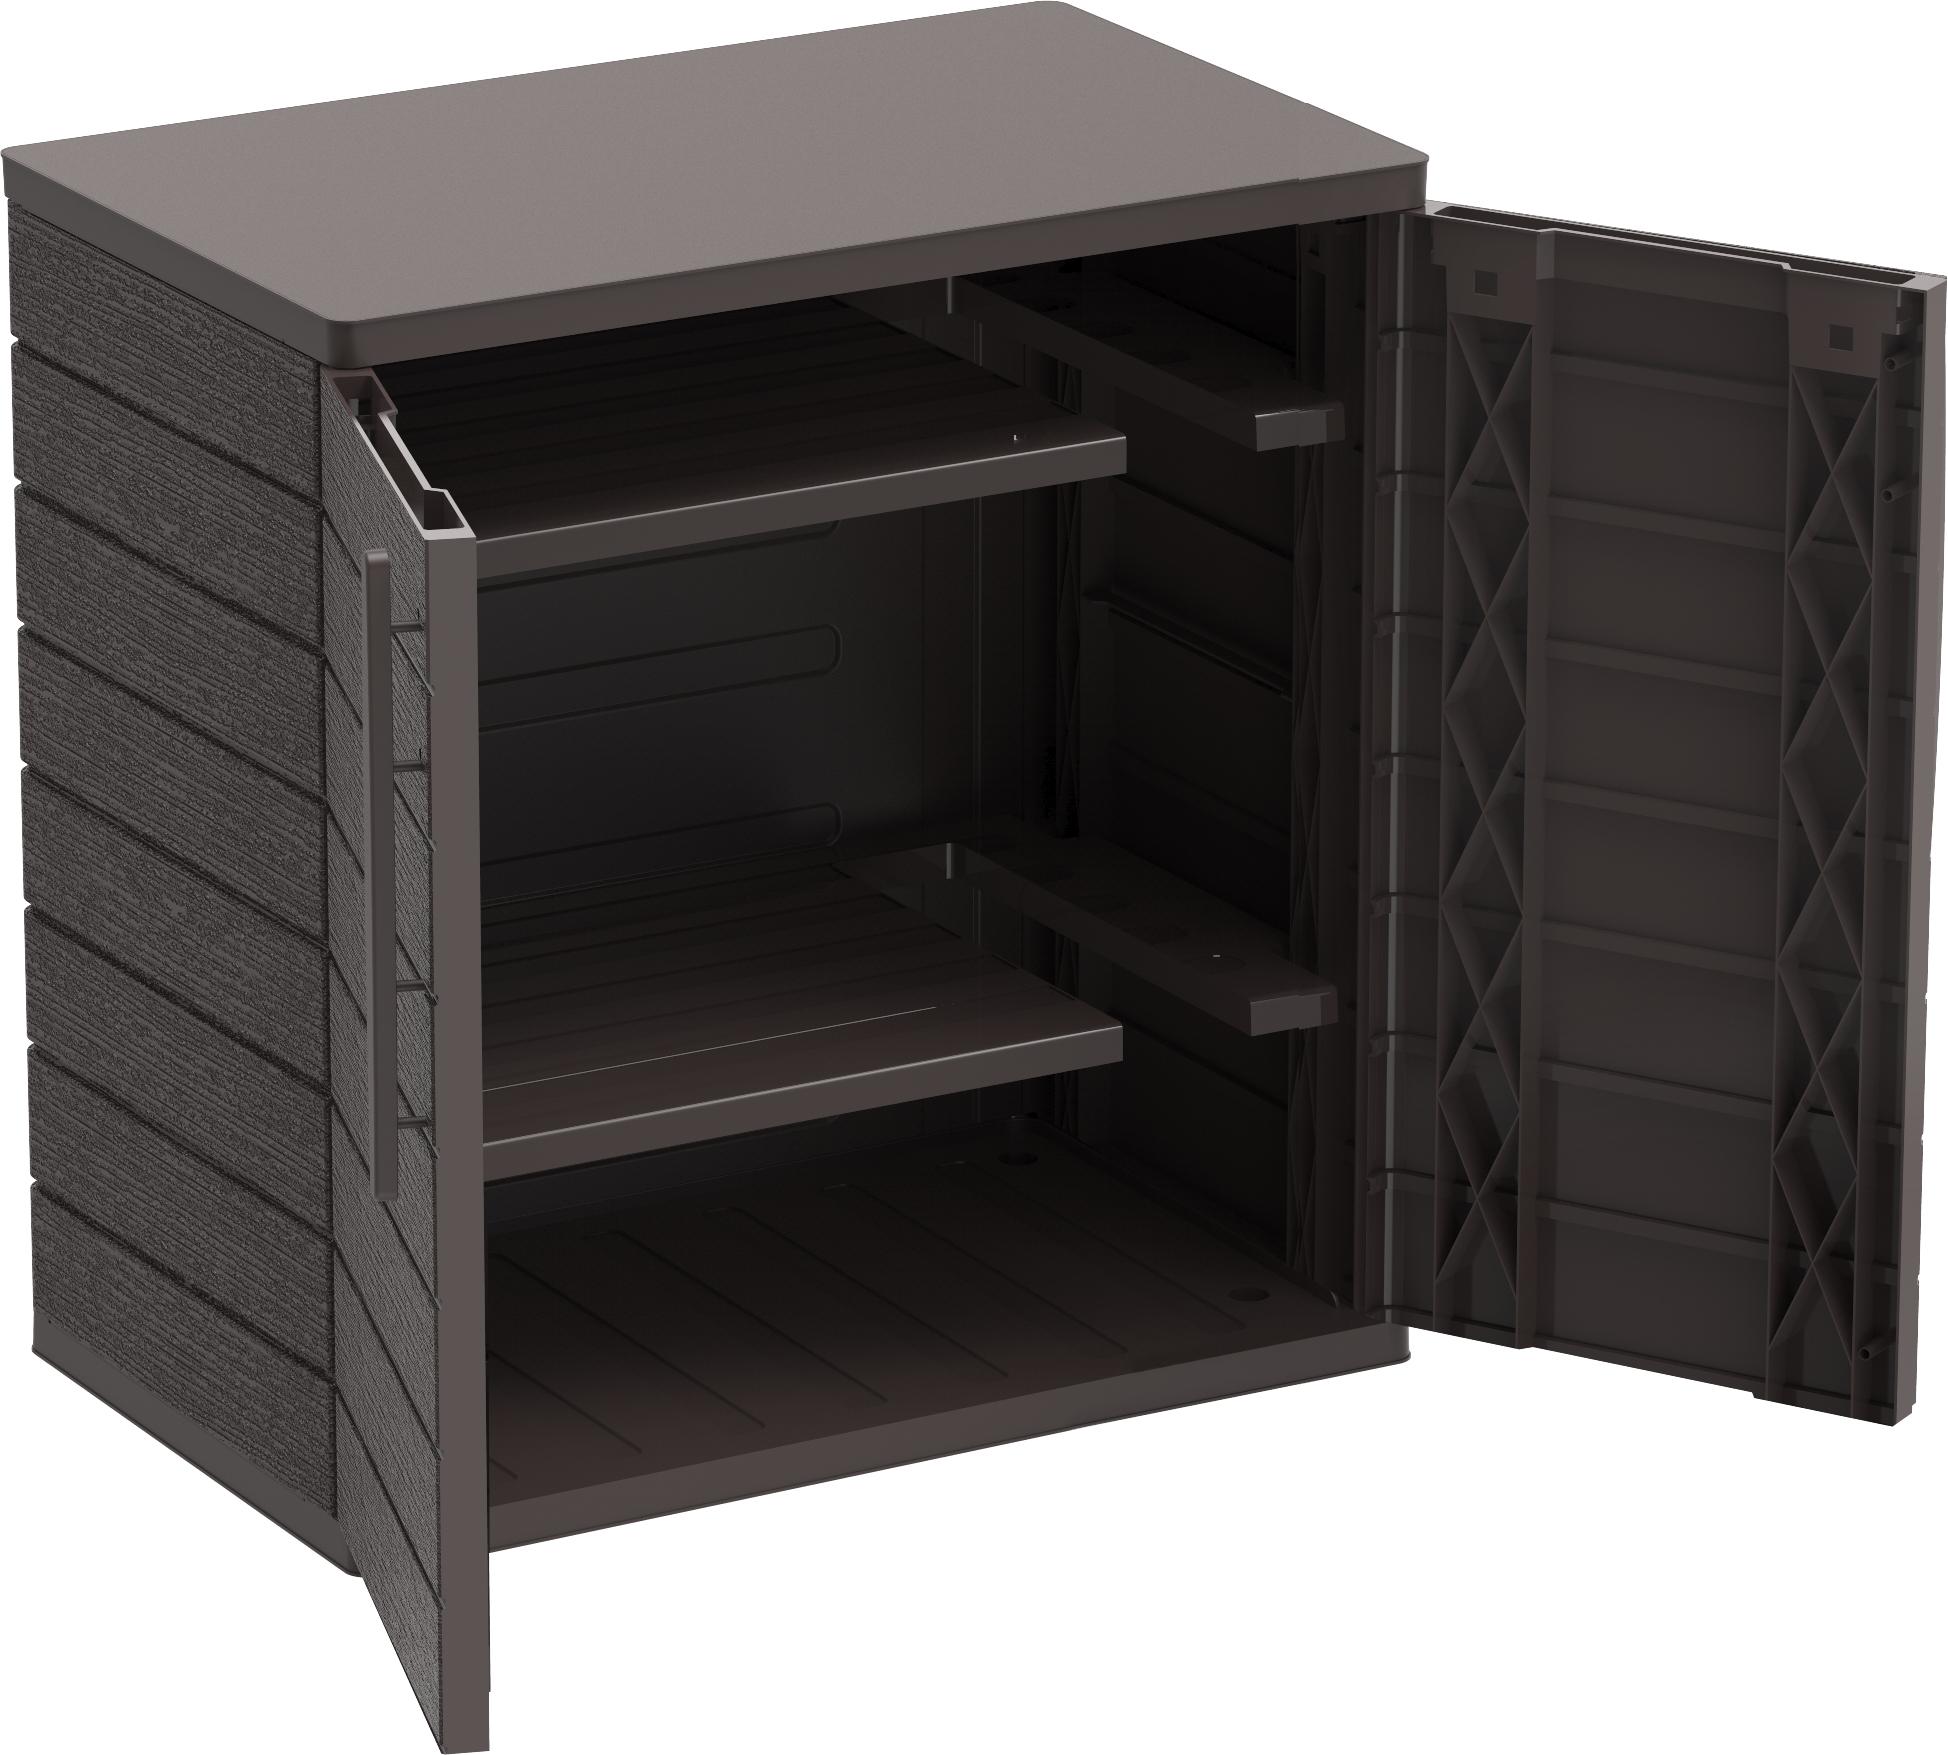 Cedar Grain Vertical Cabinet Short A